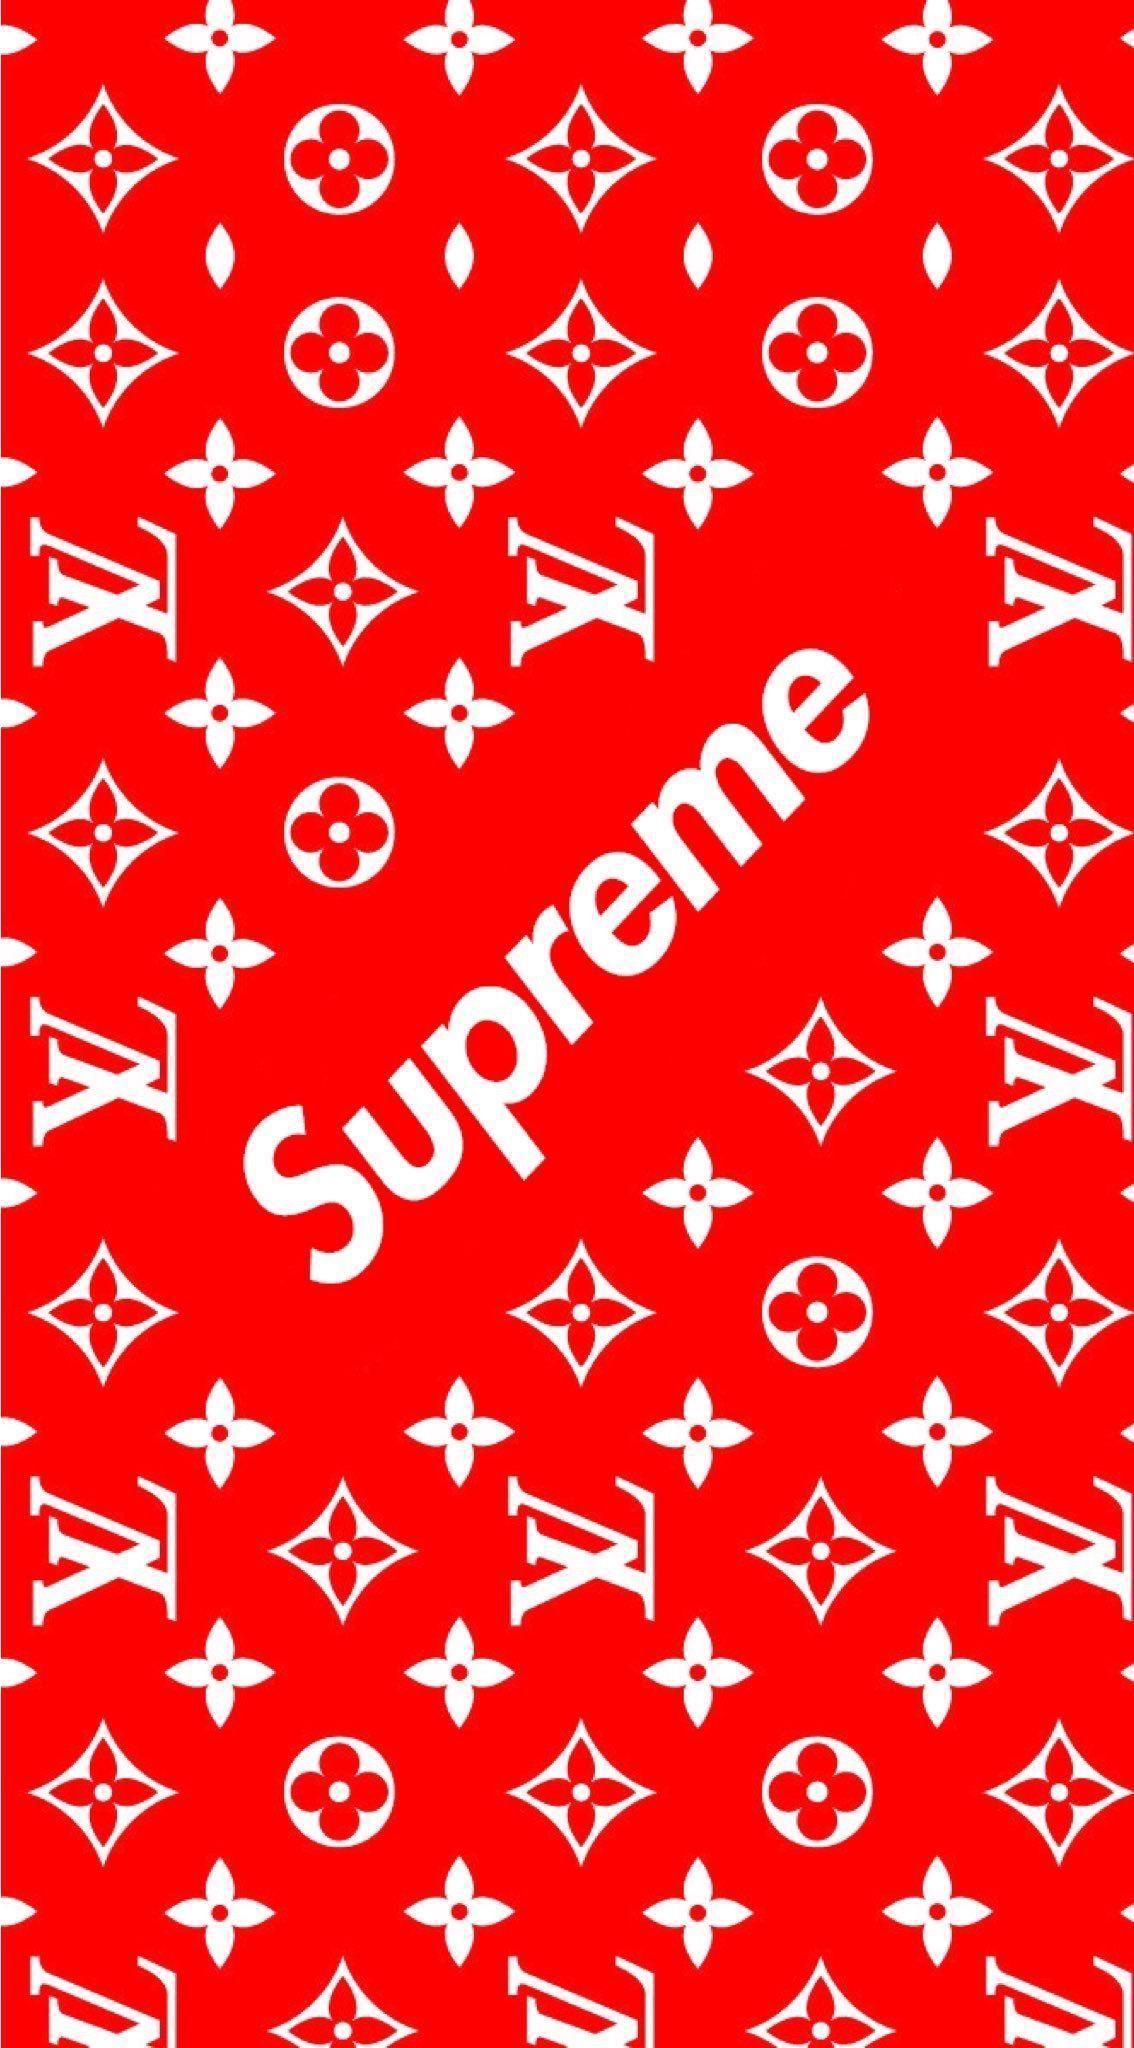 0408a0ddd4c2 1134x2048 Supreme x Louis Vuitton